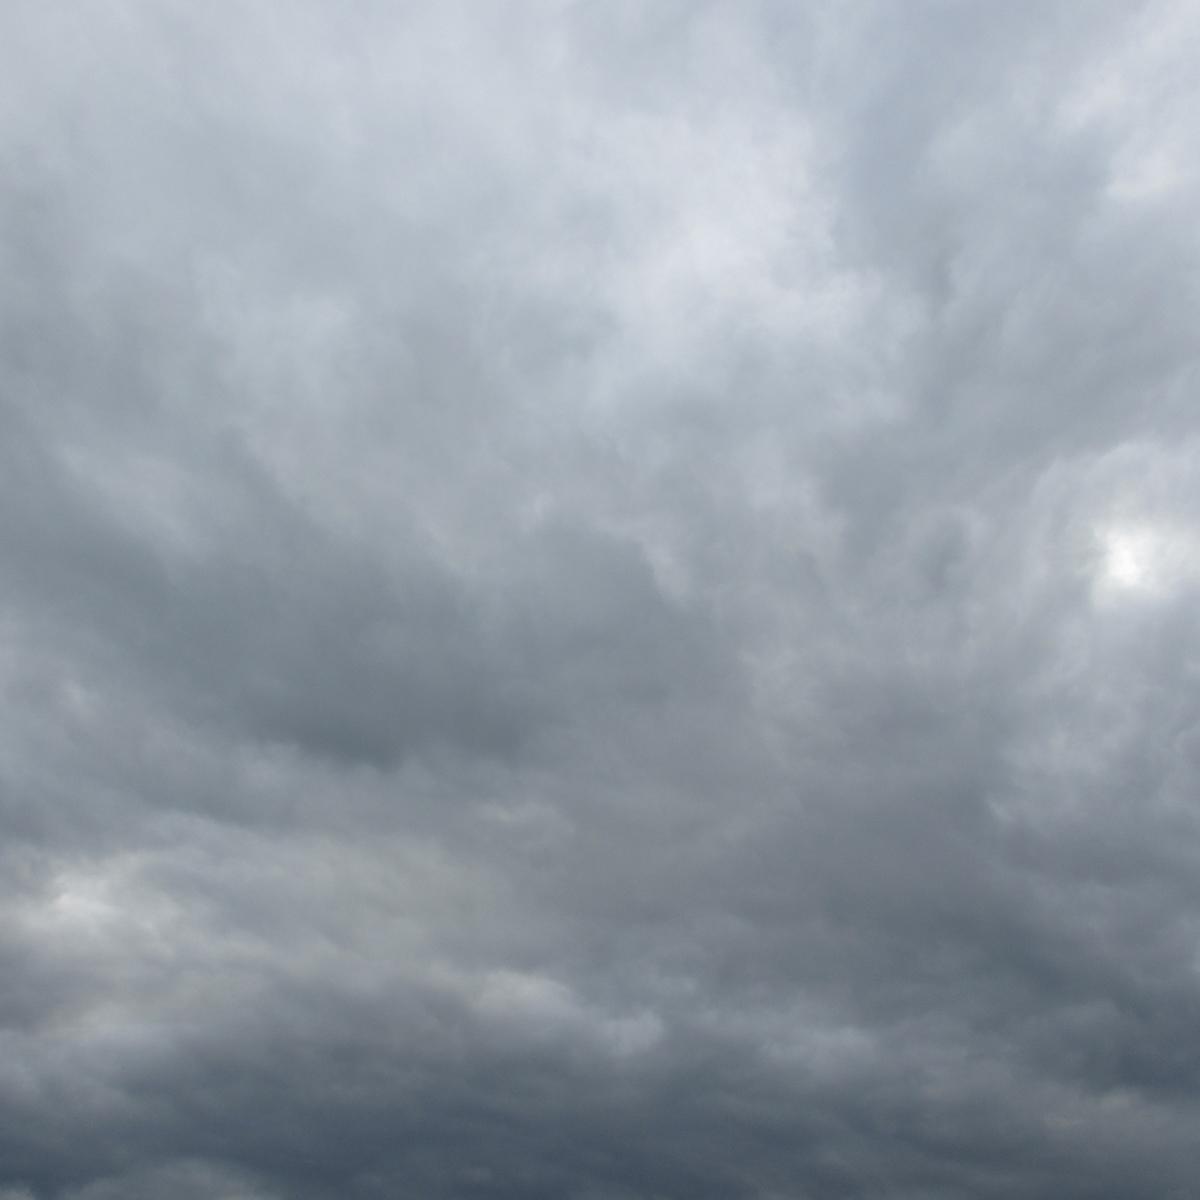 2015年6月27日(土)の空の写真 (3)